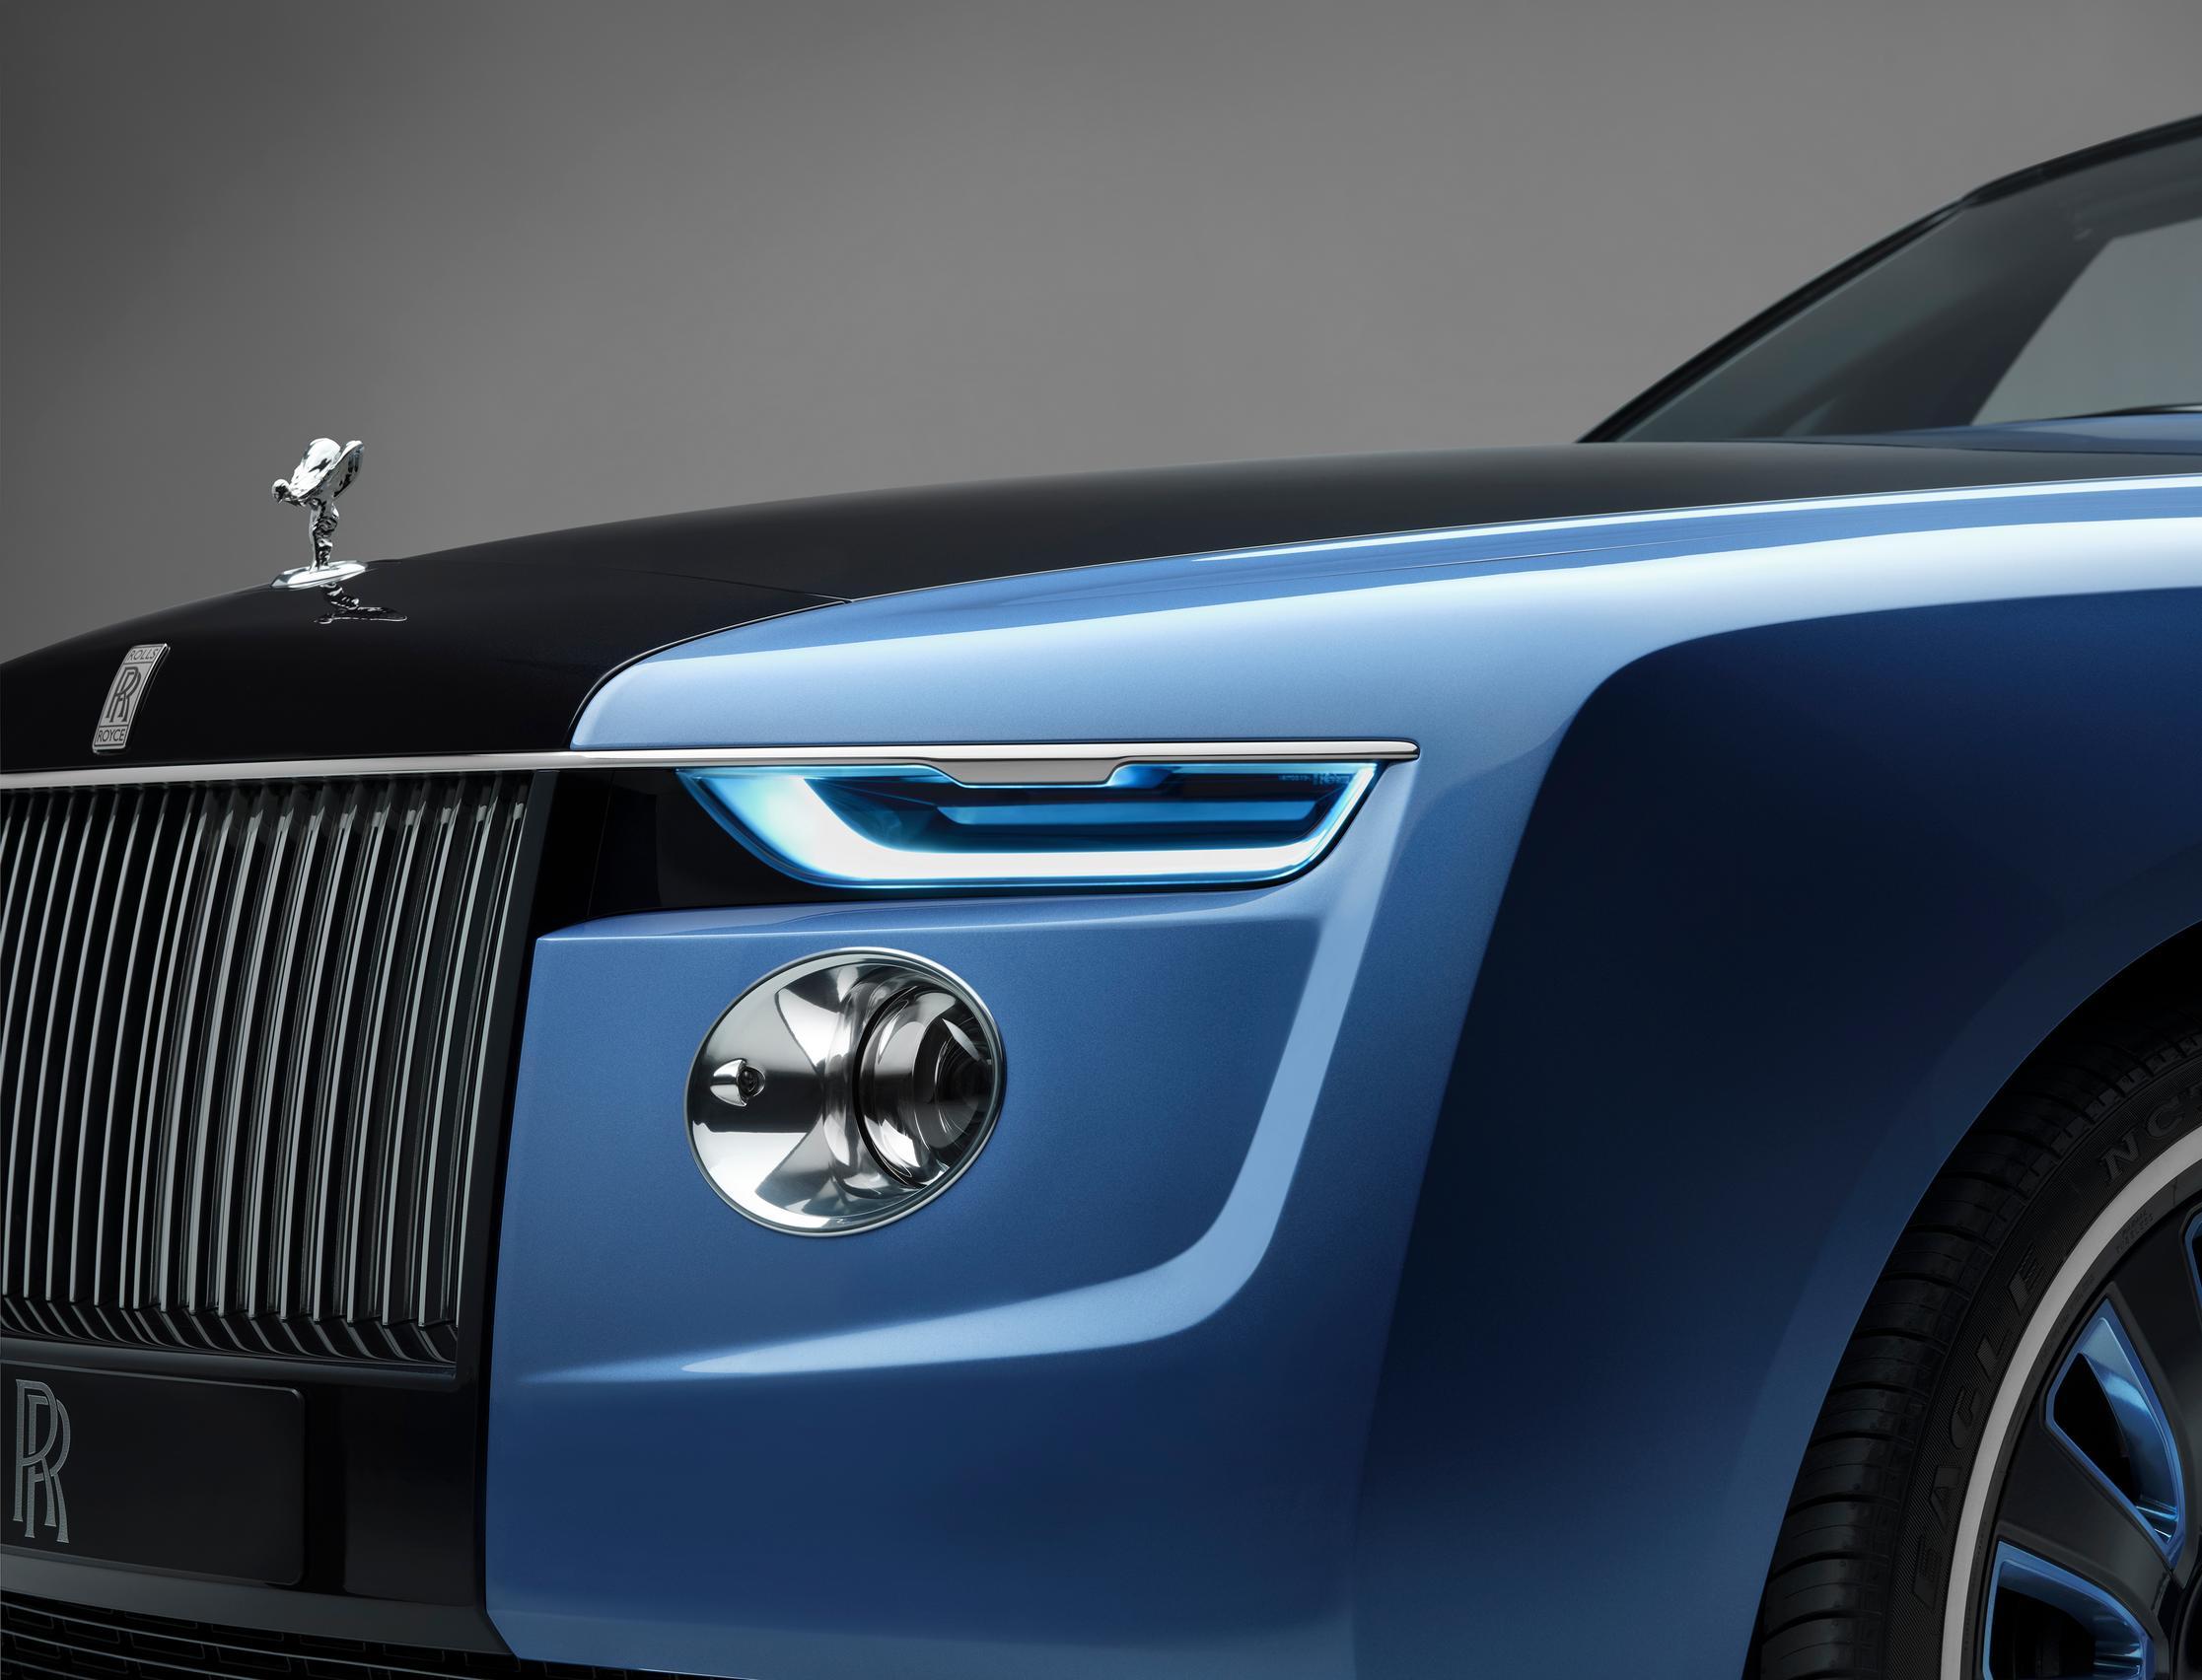 Rolls-Royce Boat Tail headlight